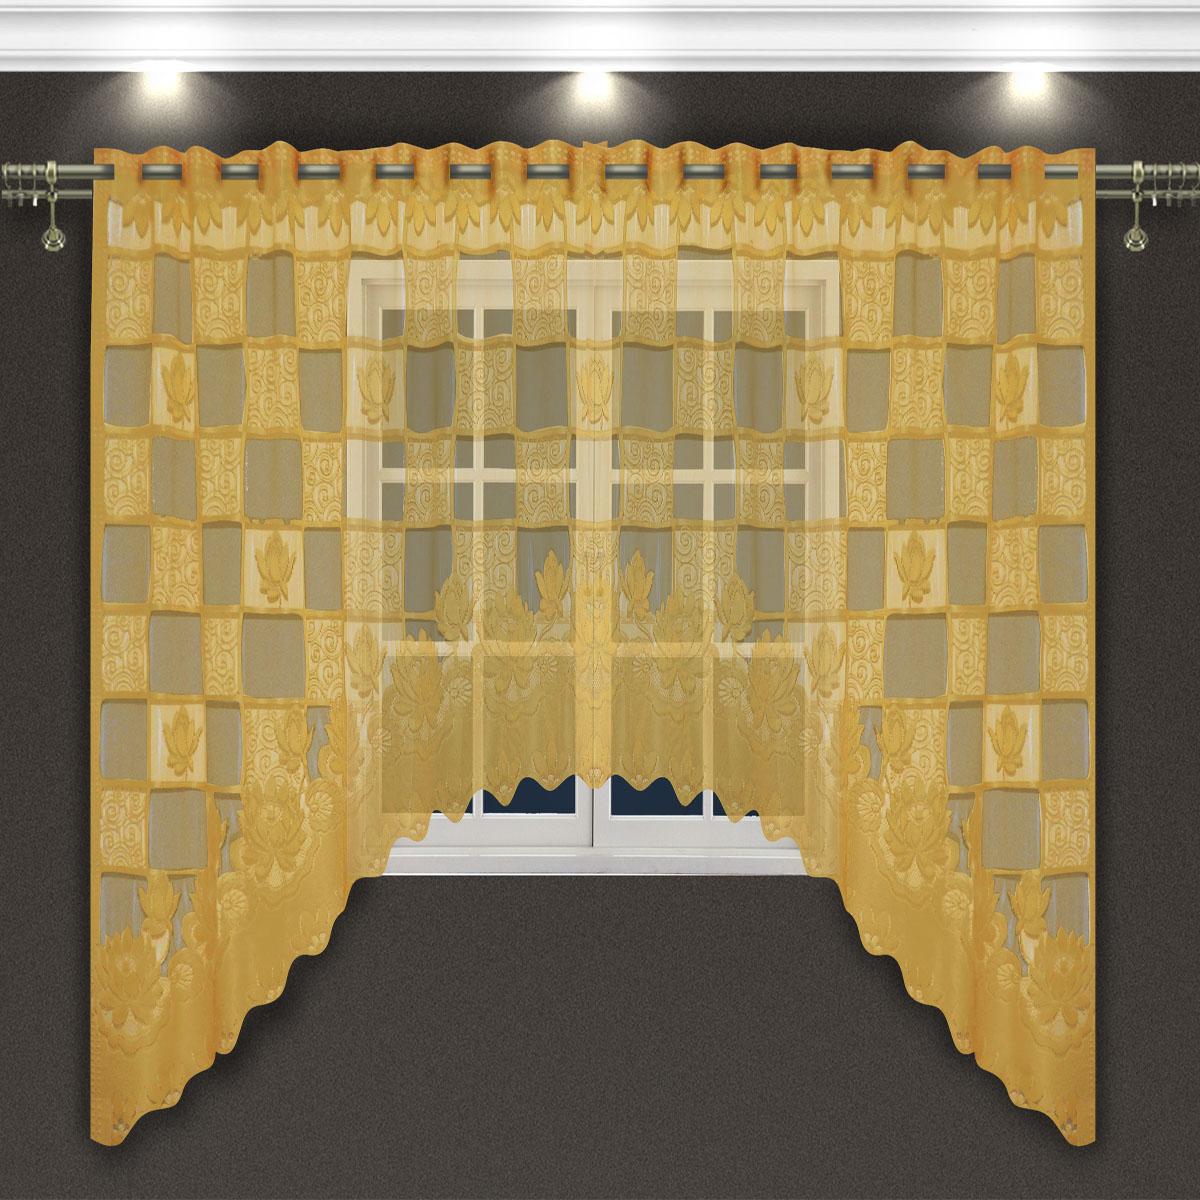 Гардина Zlata Korunka, цвет: золотистый, высота 160 см. 88871GC013/00Гардина-арка Zlata Korunka, изготовленная из высококачественного полиэстера, станет великолепным украшением любого окна. Оригинальное оформление гардины внесет разнообразие и подарит заряд положительного настроения.Крепится через прорези, сделанные в верхней части, или на зажимы для штор.